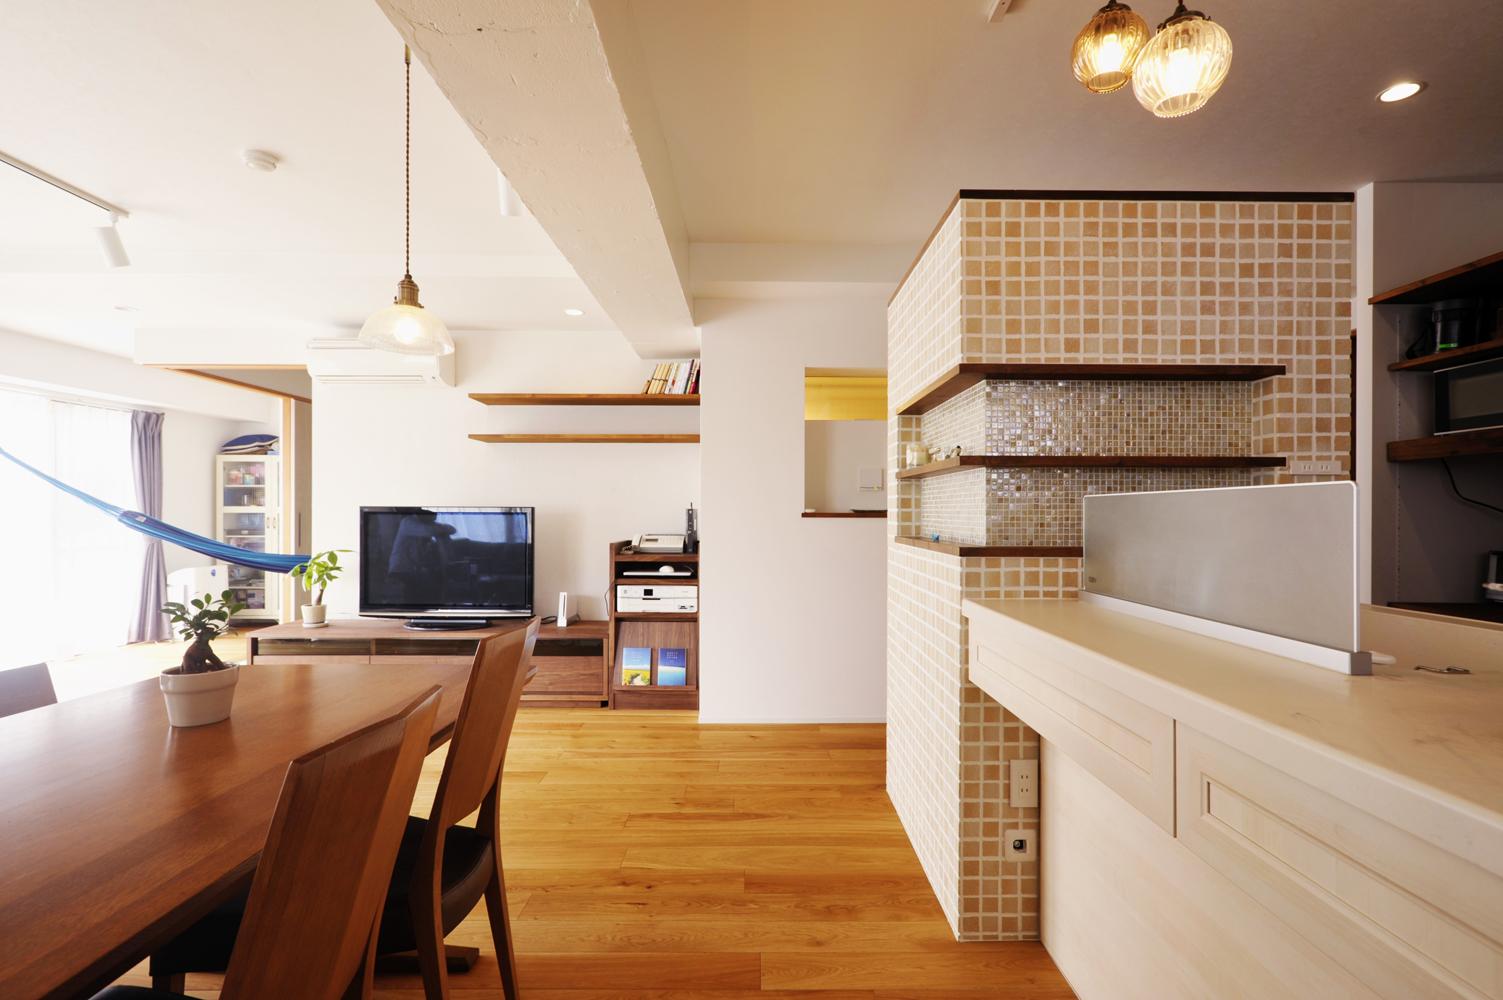 「スタイル工房」のリノベーション事例「間取りを工夫し、プライベート空間と  家族の時間を大切にできる家に」